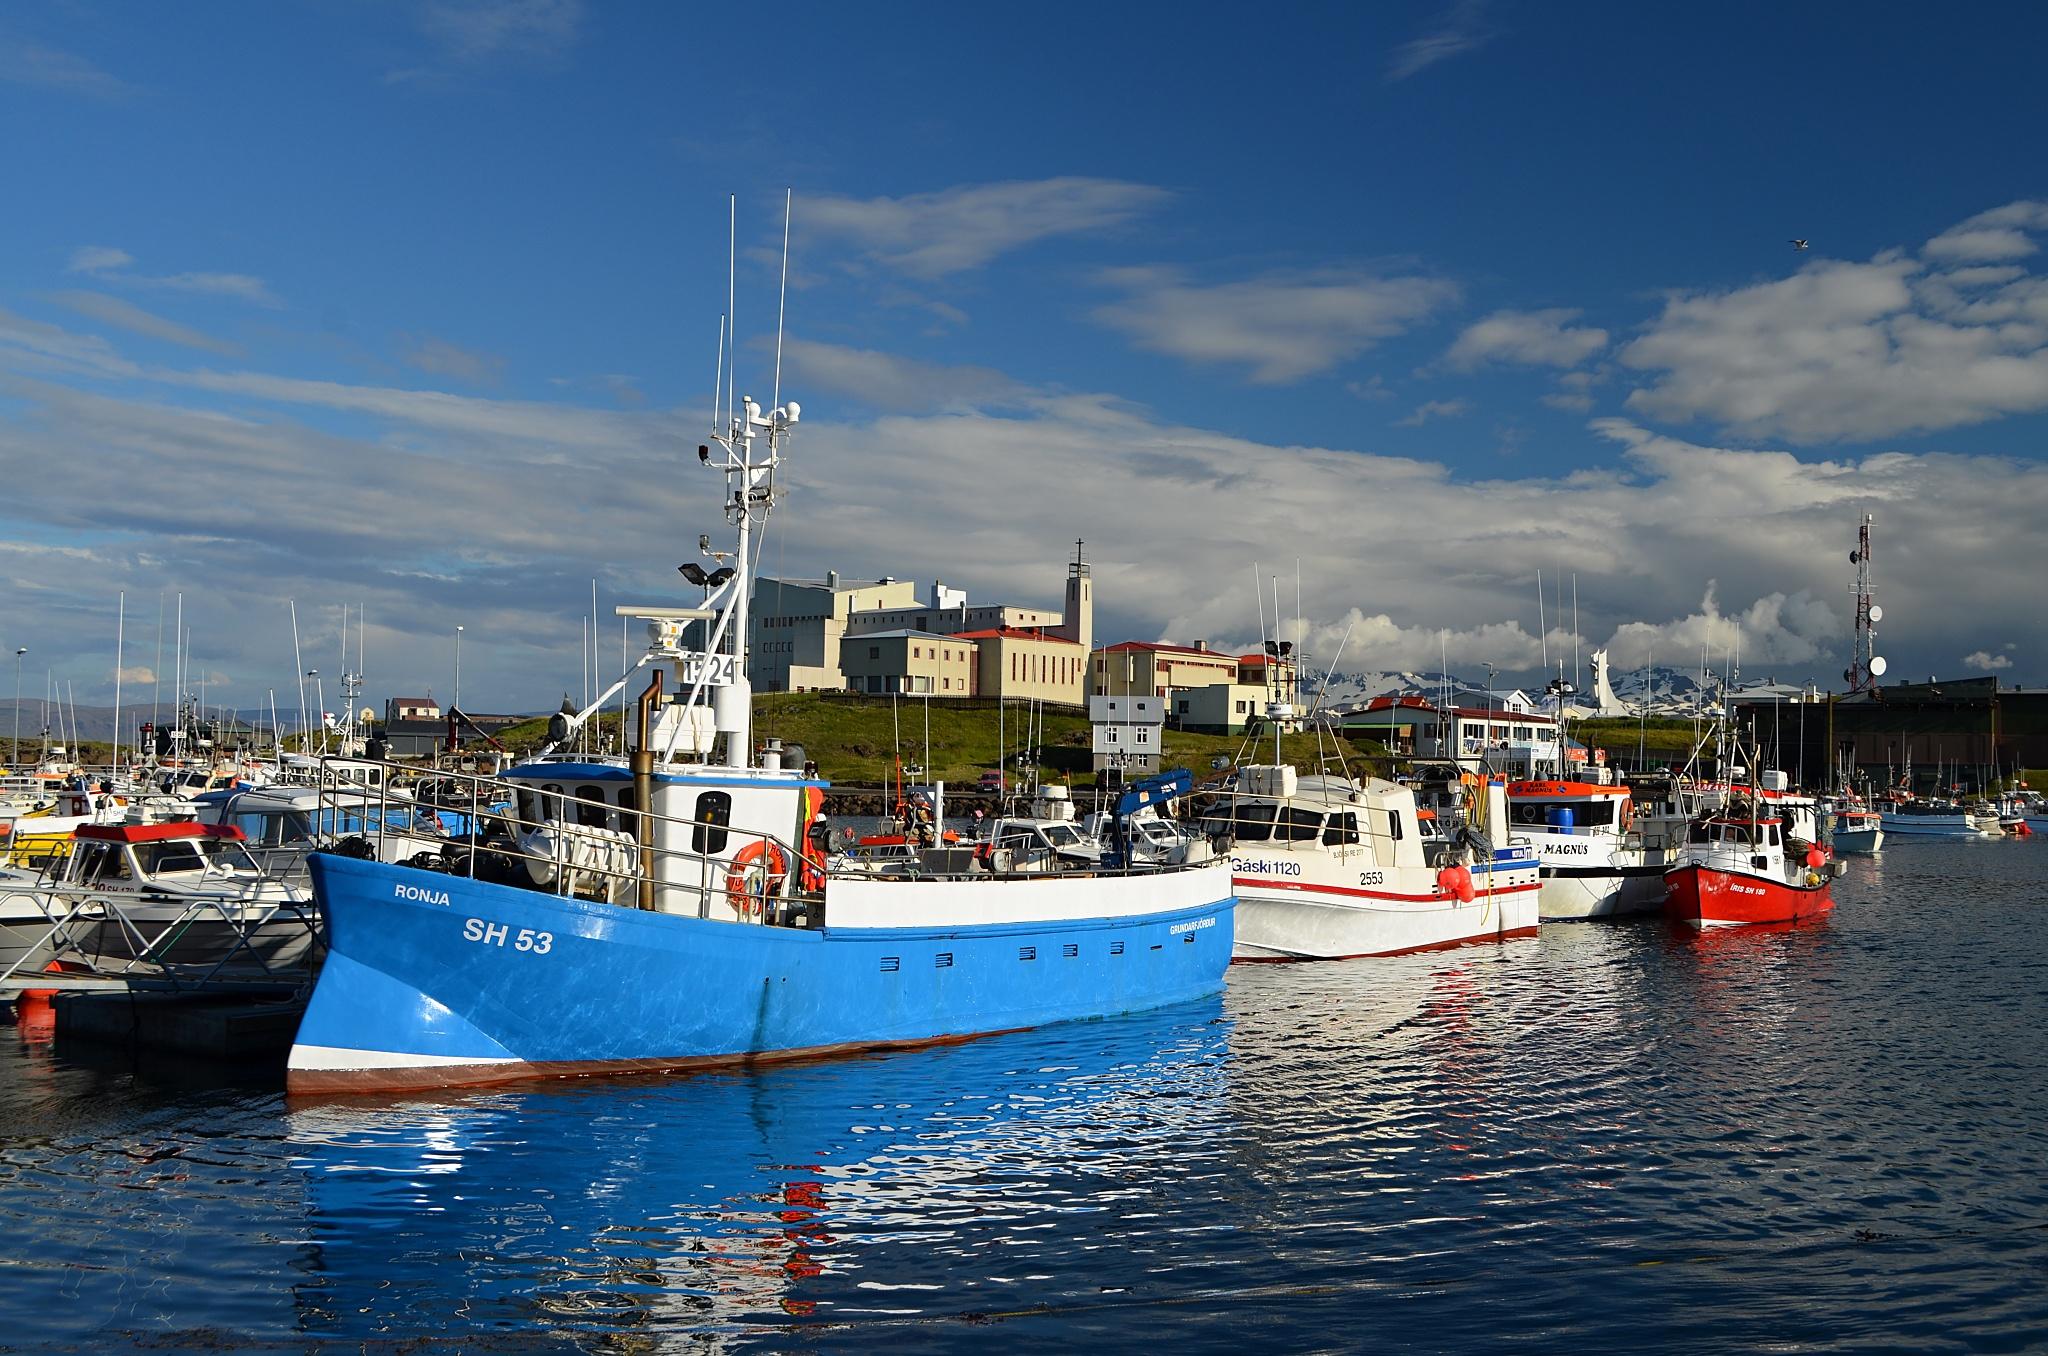 Lodě v přístavu Stykkishólmur.